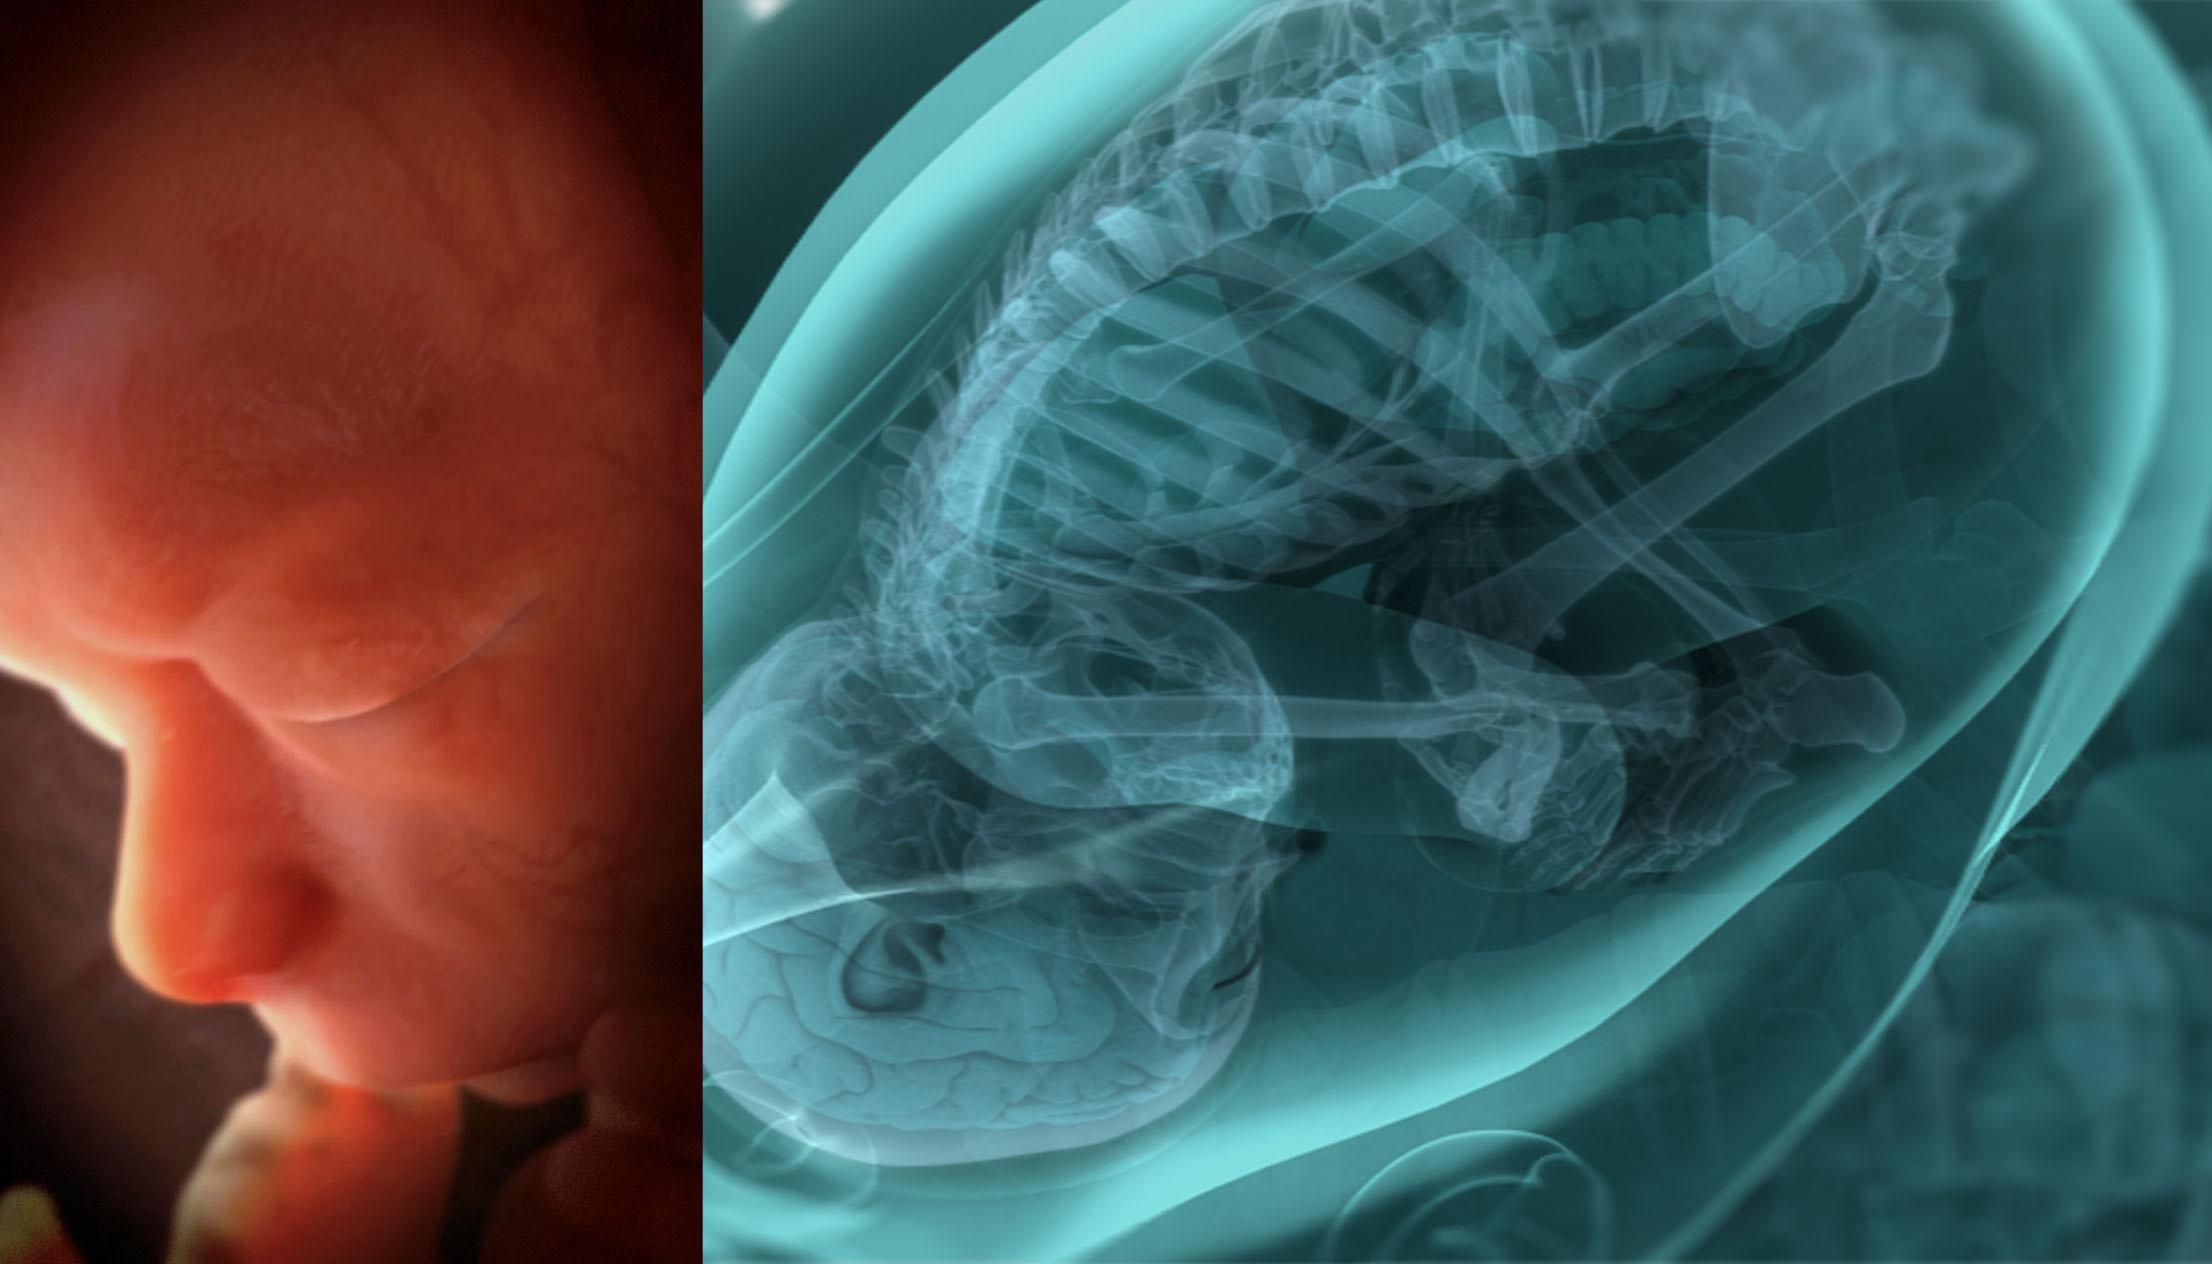 Odisea viaja al interior del cuerpo humano - AMC Networks